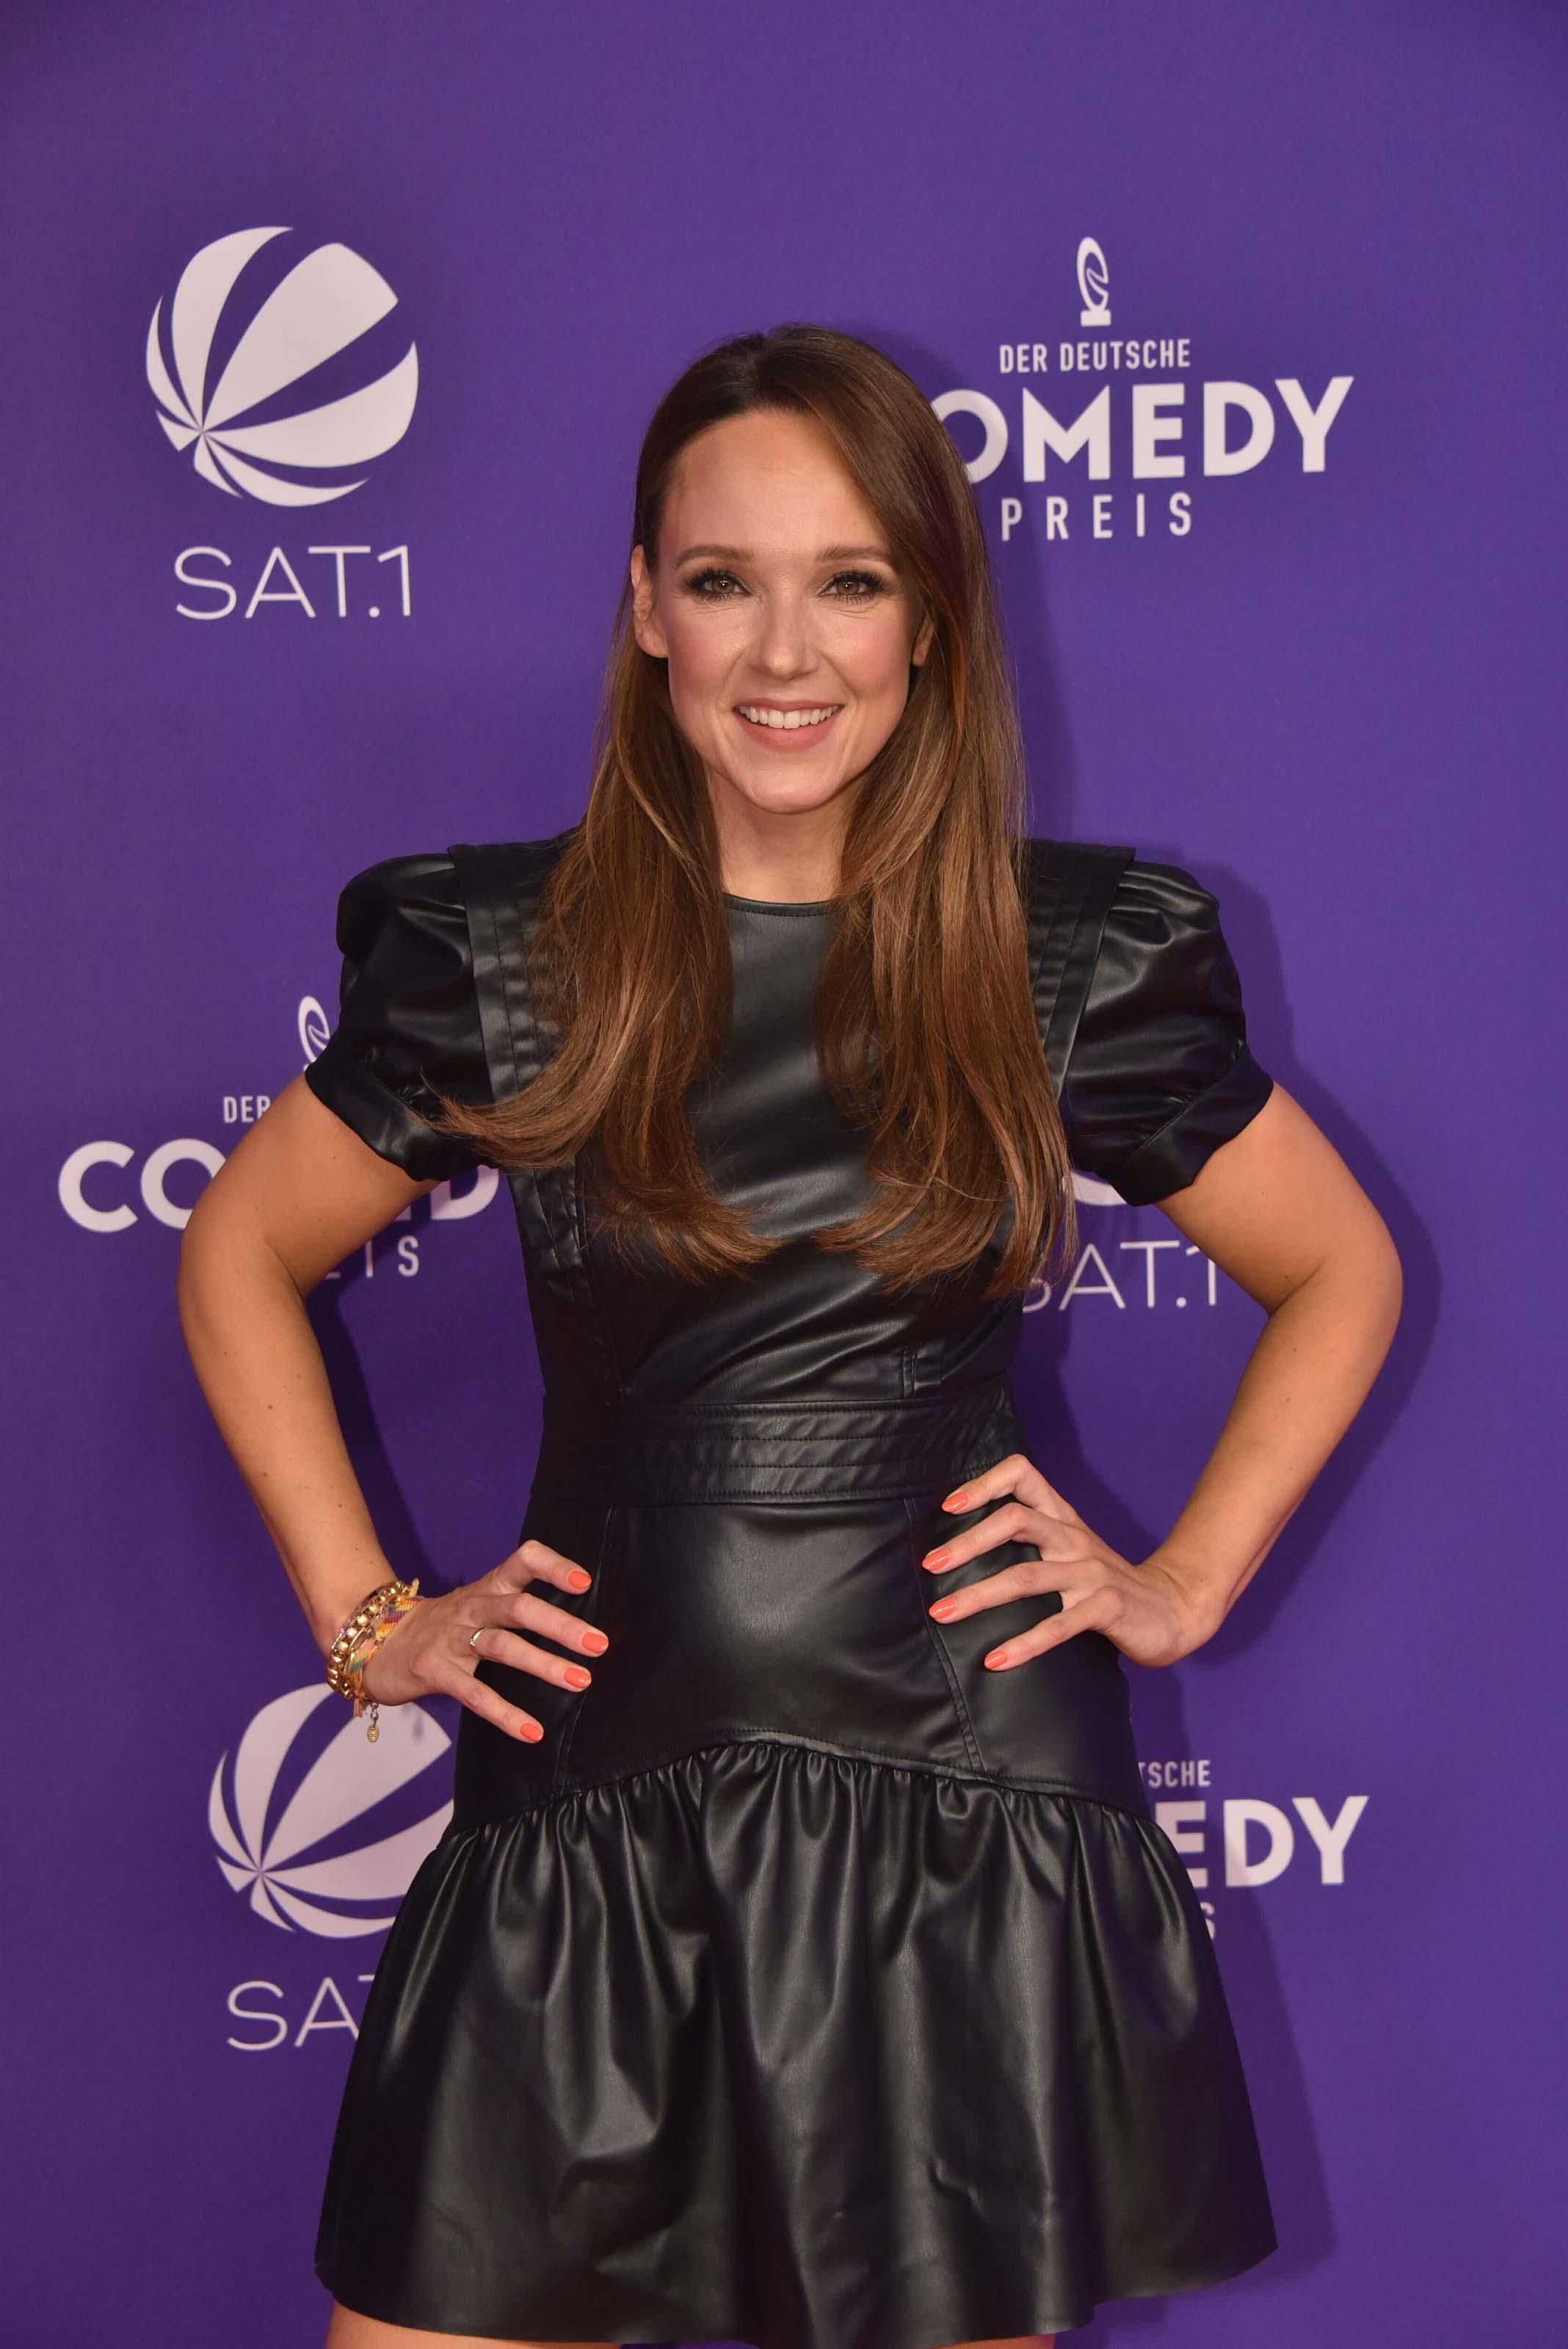 Carolin Kebekus at Verleihung des Deutschen Comedypreises